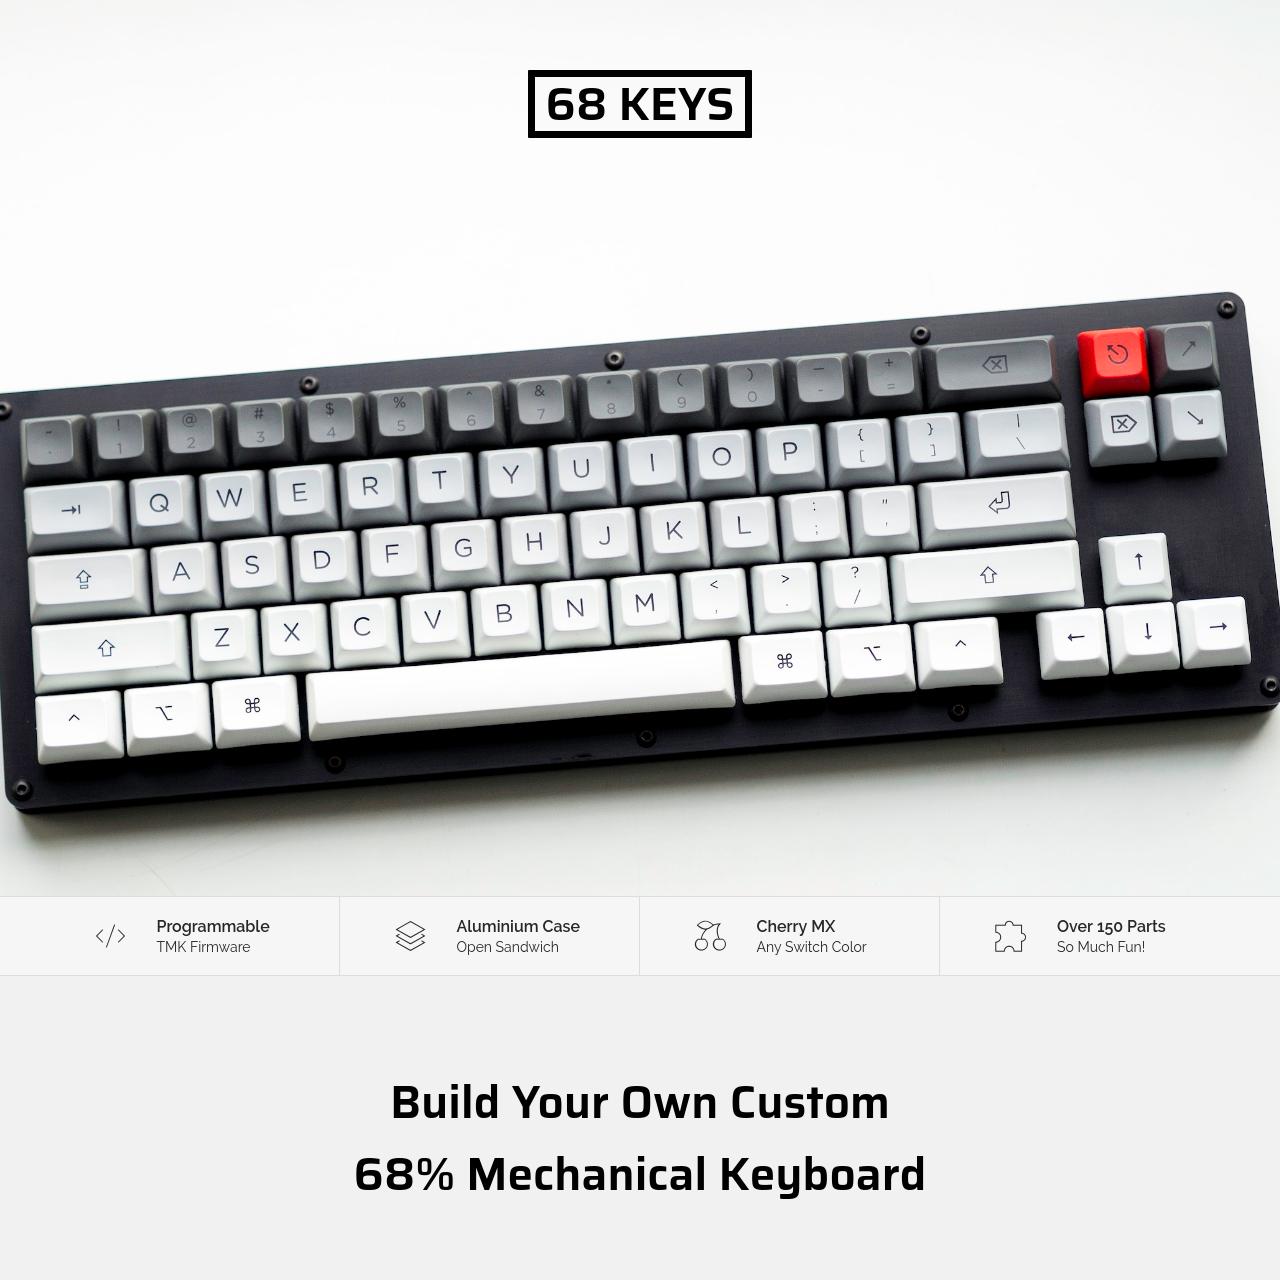 Are na / Custom 68% Mechanical Keyboard DIY Guide